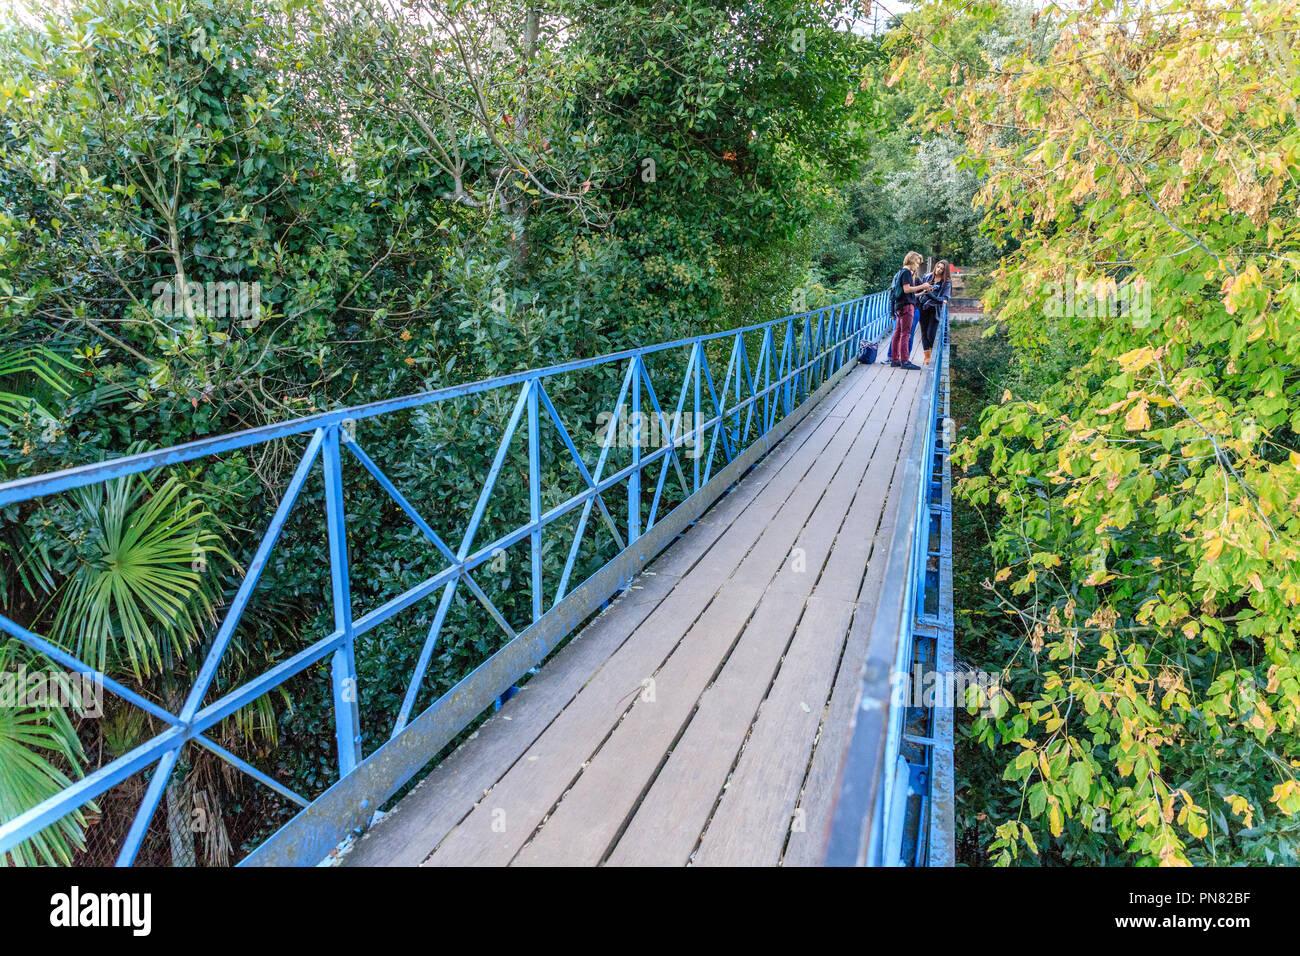 France, Gironde, Cote d'Argent, Parc naturel marin du bassin d'Arcachon (Arcachon Bay Marine Natural Park), Arcachon, Ville d'Hiver district, Saint Pa - Stock Image